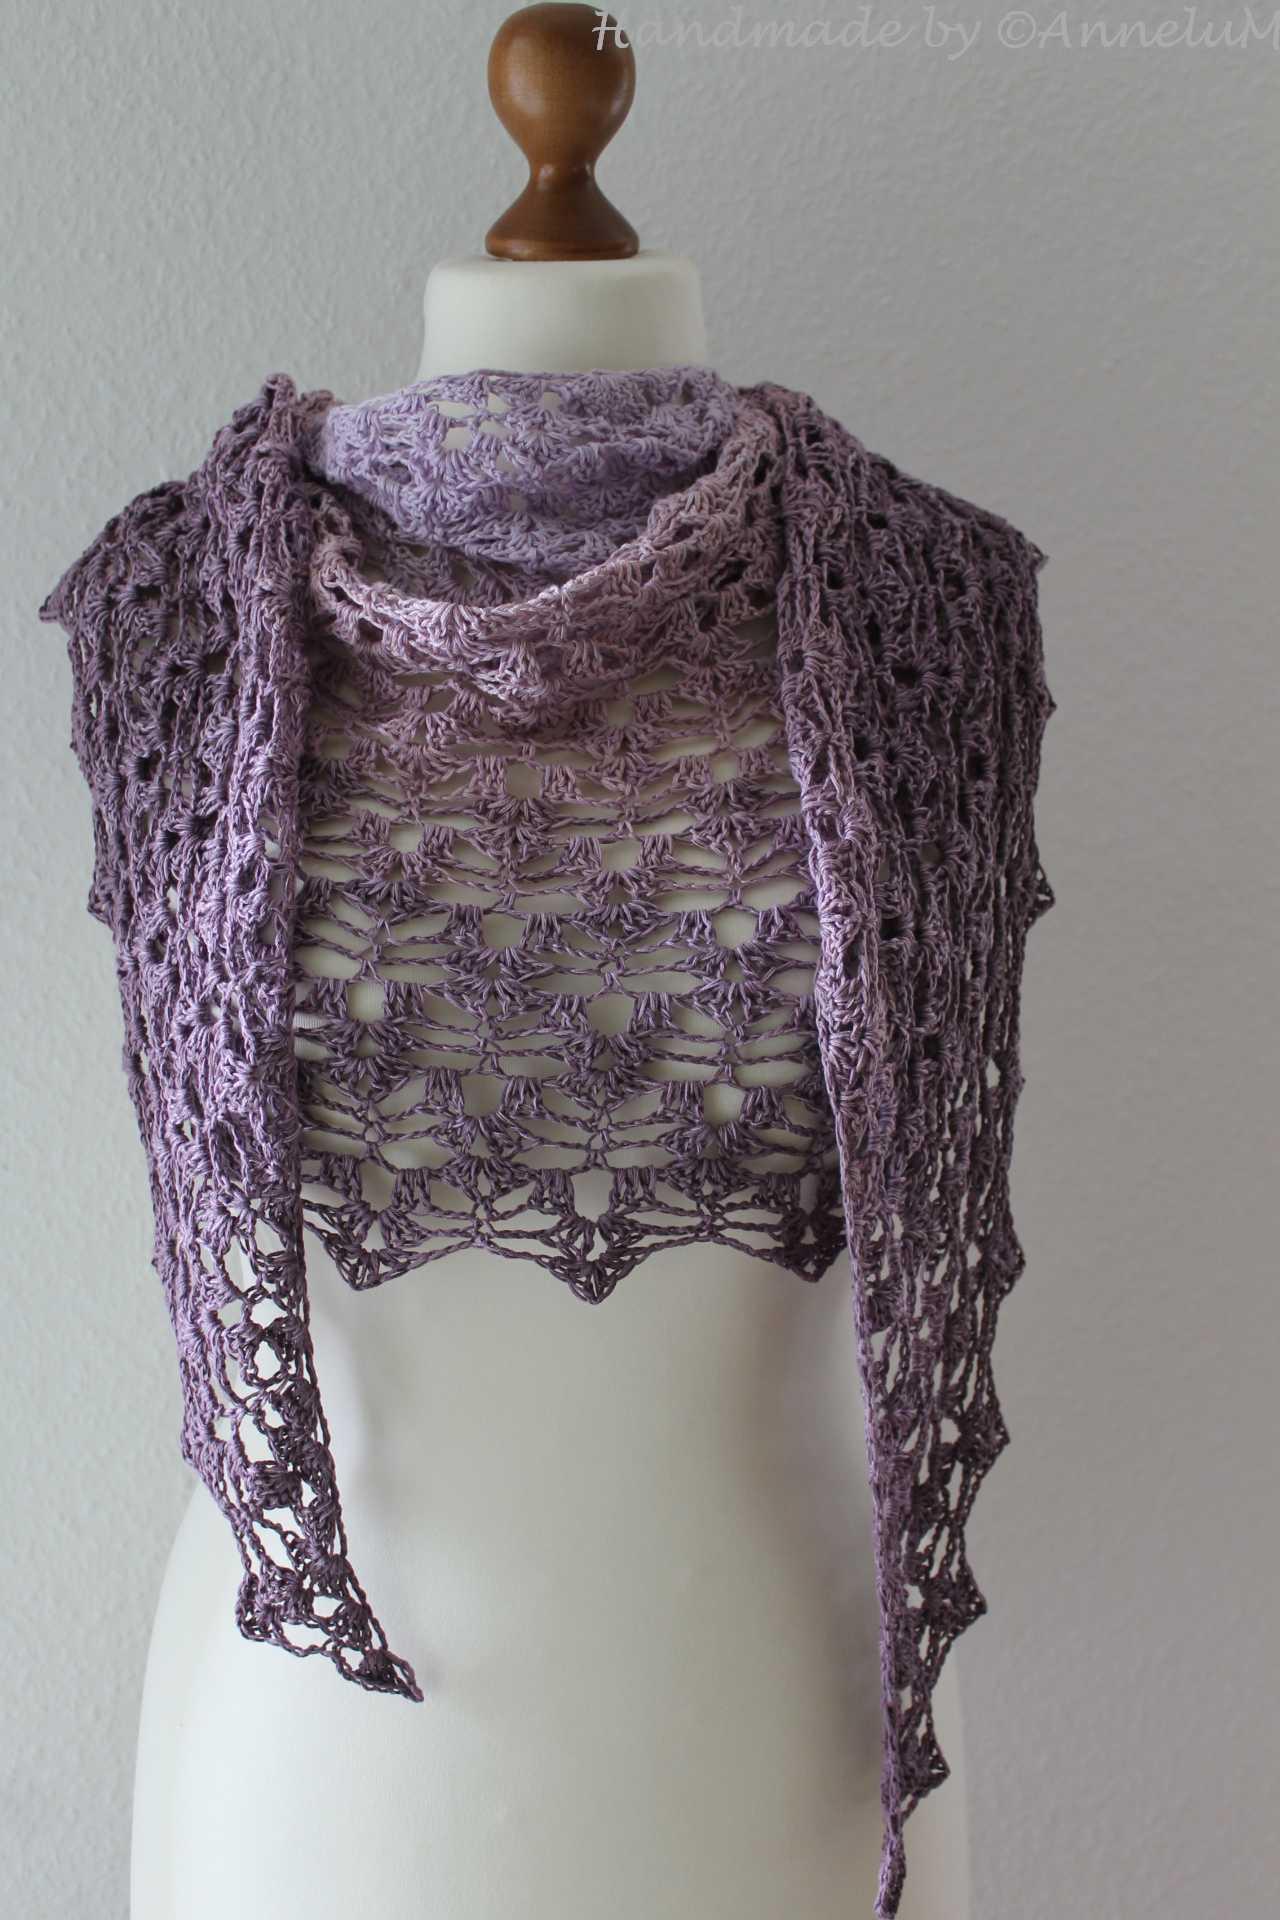 Nellas Handmade by AnneluM